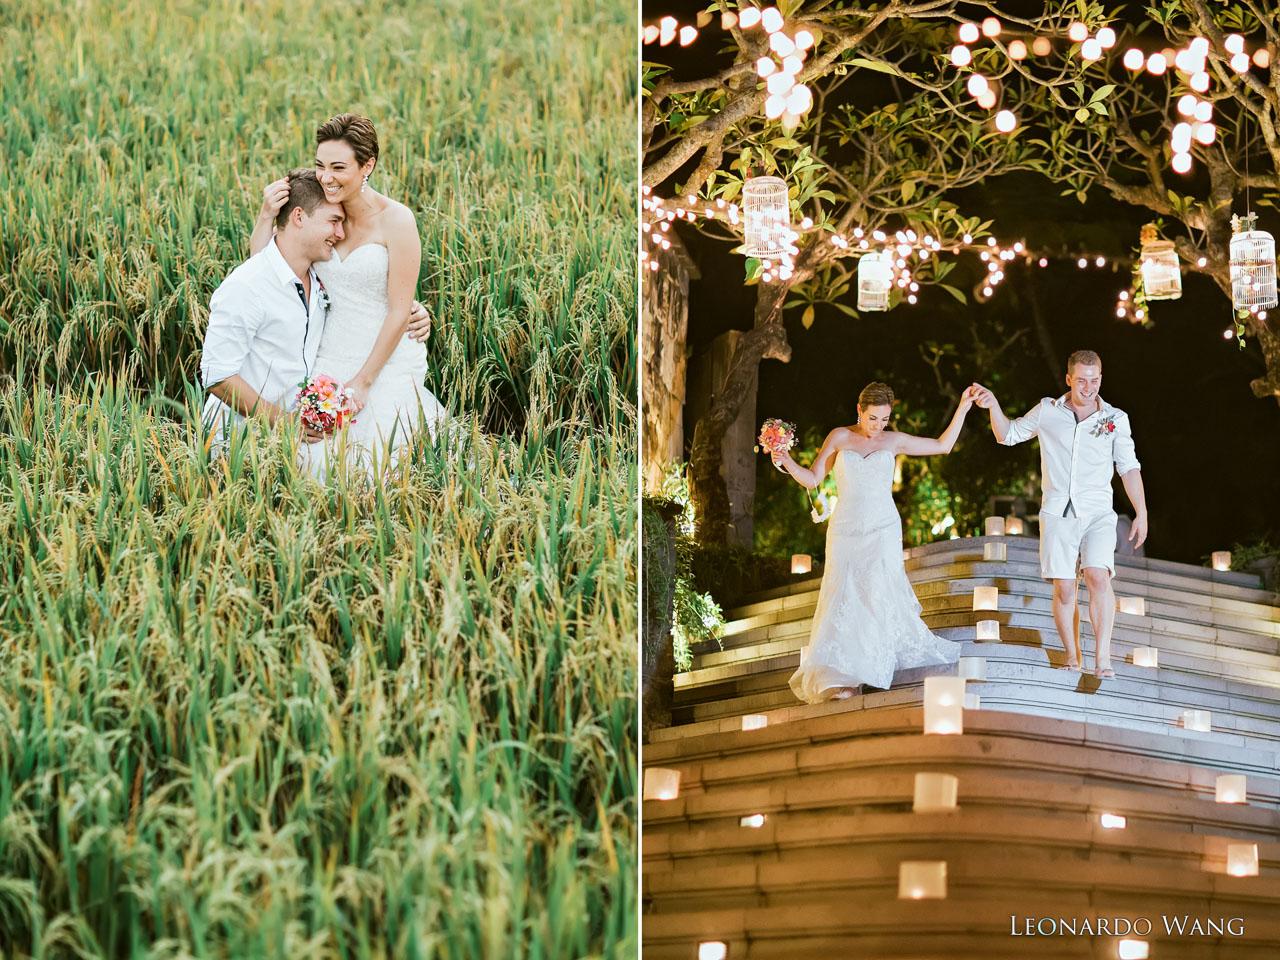 巴厘岛婚礼摄影乌布森林婚礼Kamandalu Ubud快乐的婚礼